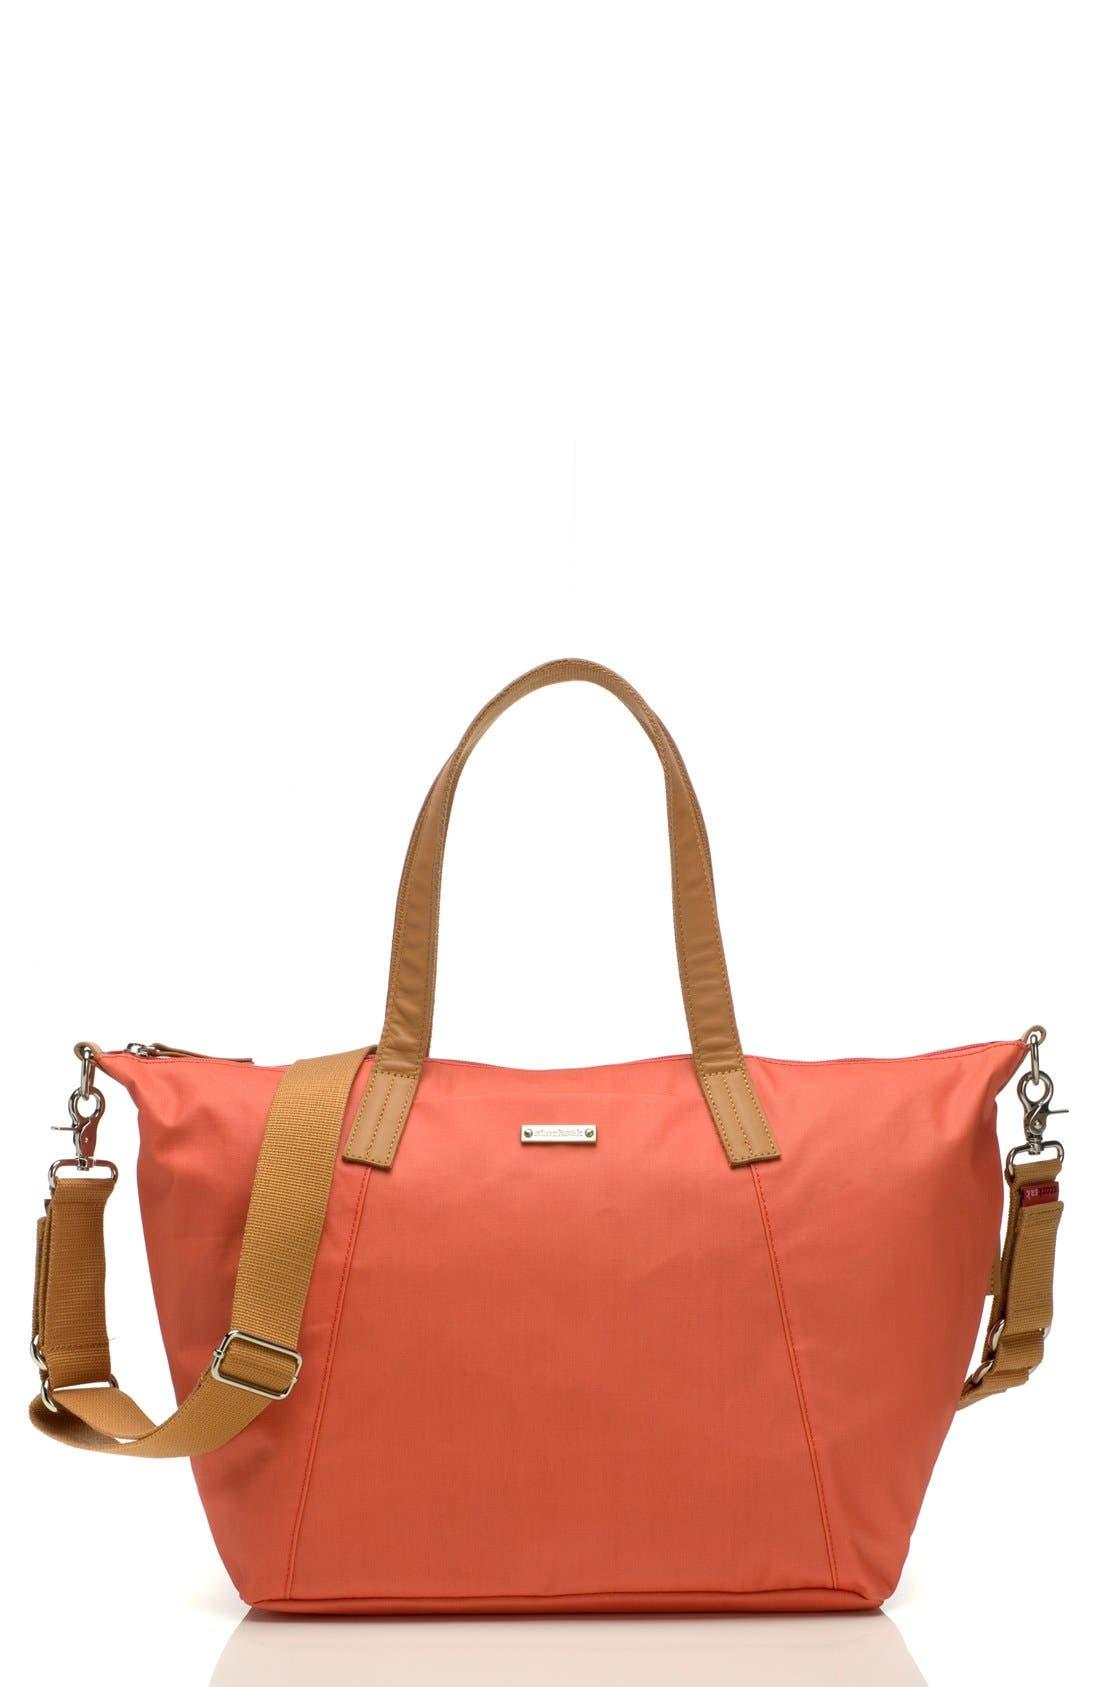 Alternate Image 1 Selected - Storksak 'Noa' Diaper Bag